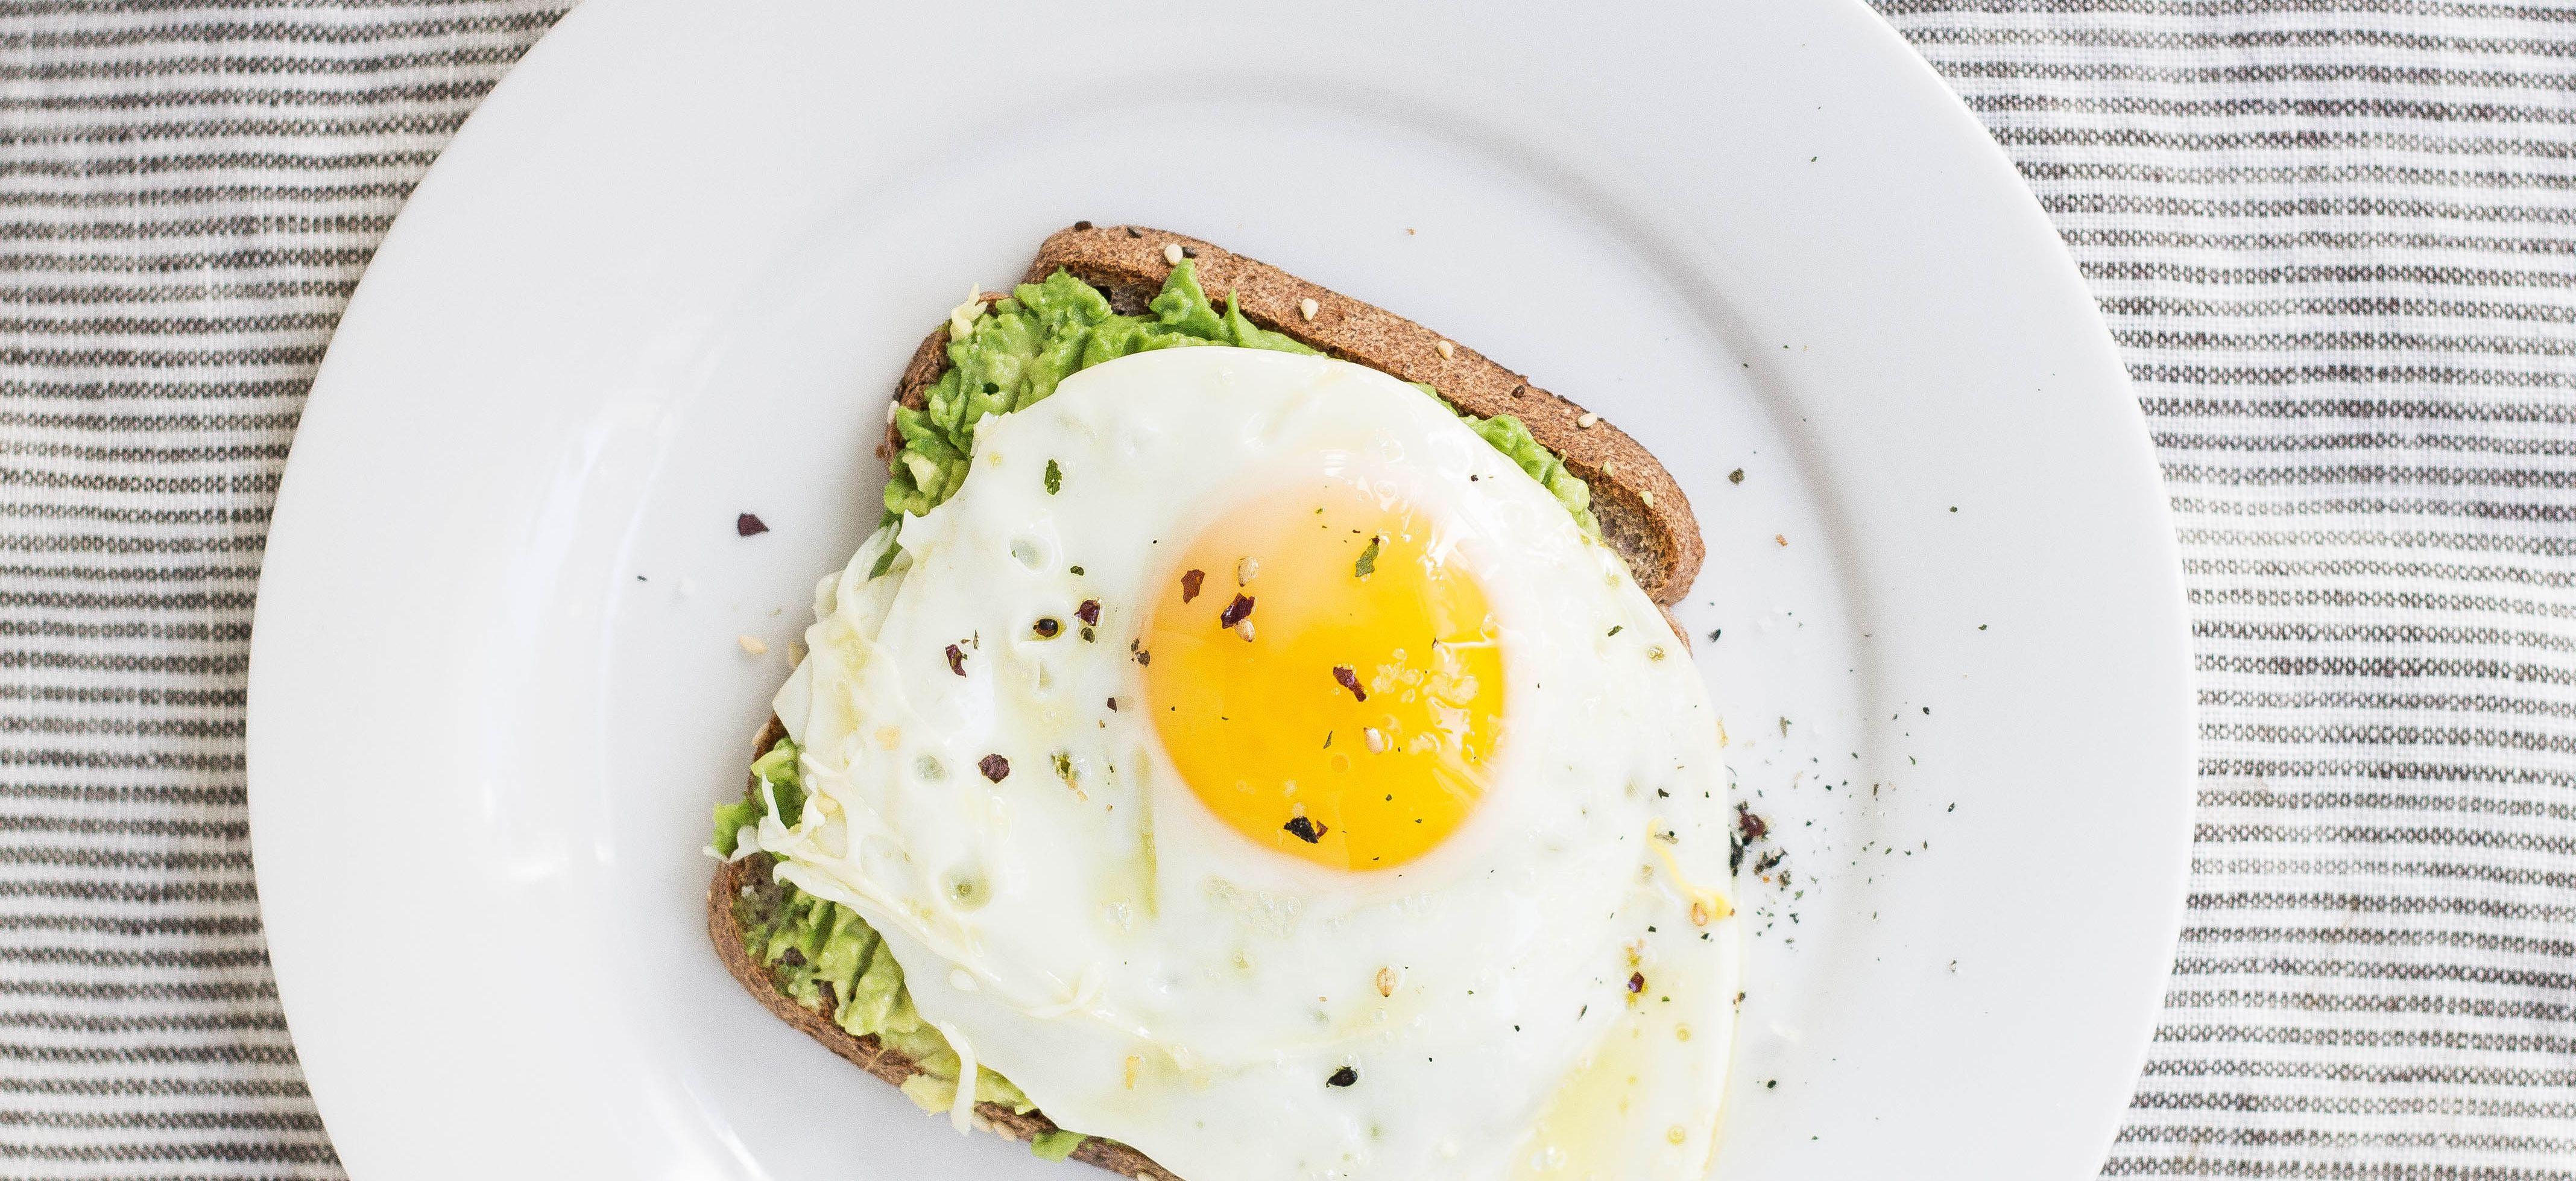 De voedingswaarde van een gebakken ei